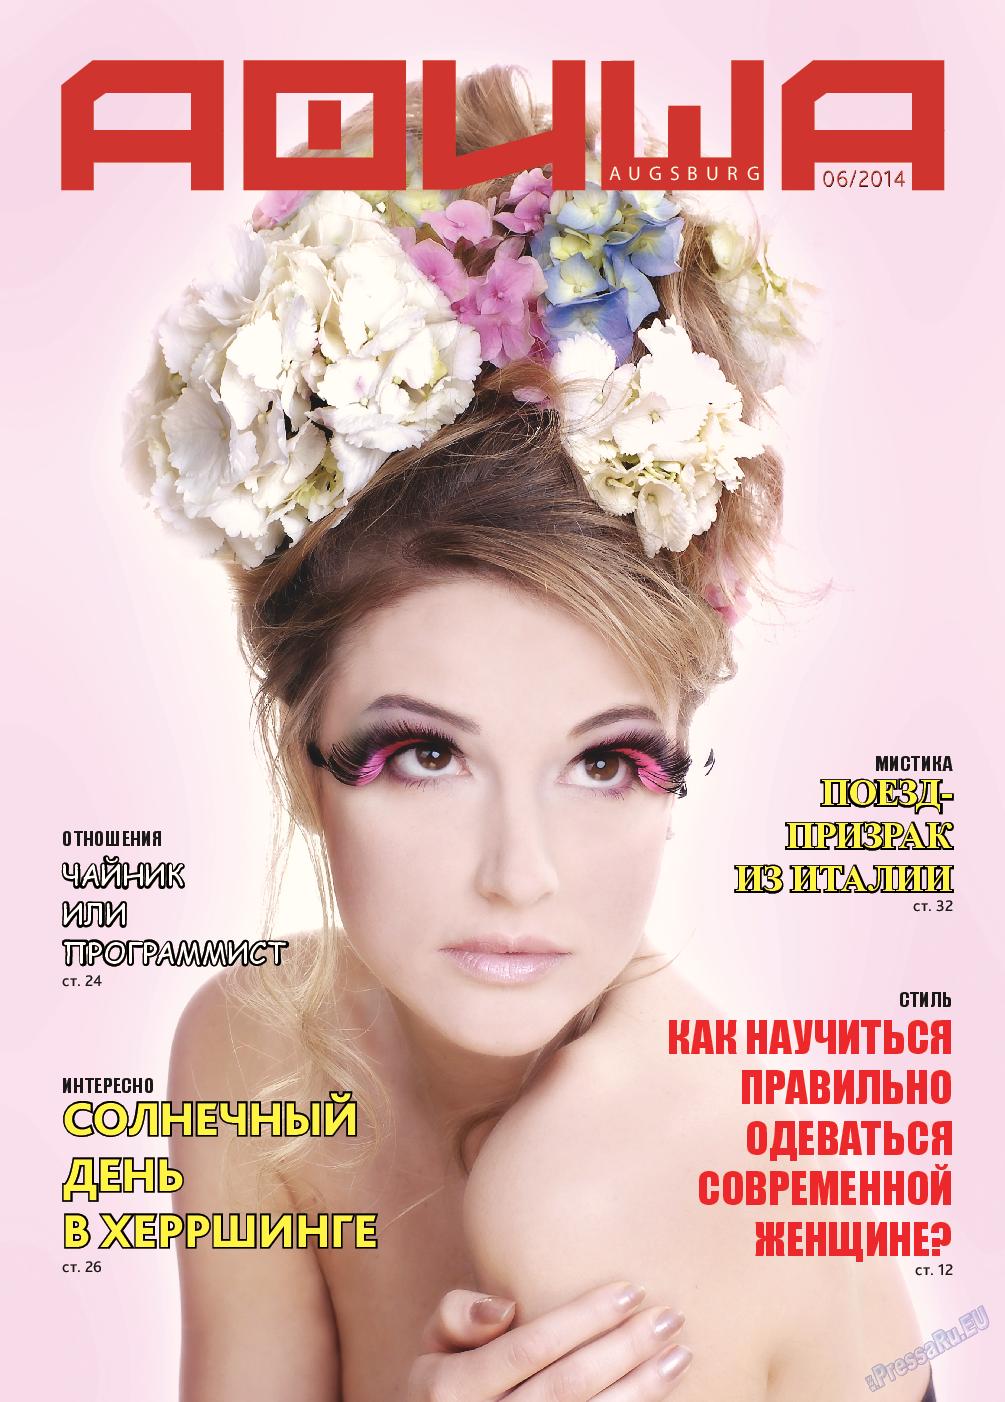 Афиша Augsburg (журнал). 2014 год, номер 6, стр. 1